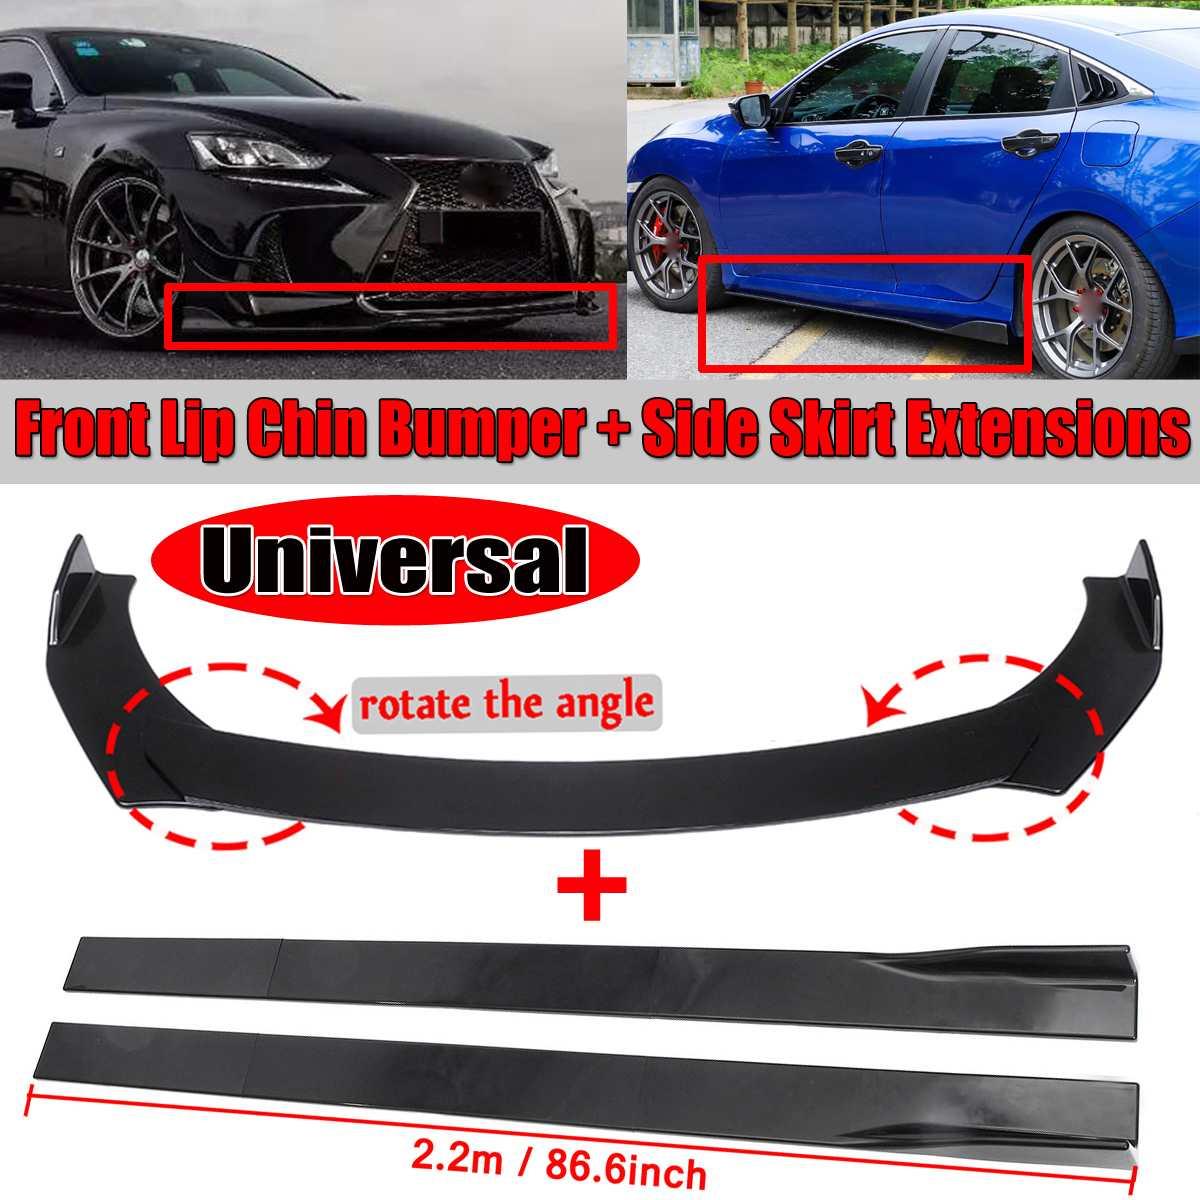 2 м/2,2 м автомобильная универсальная боковая юбка для наращивания разветвители + Автомобильный передний бампер сплиттерная губа диффузор пр